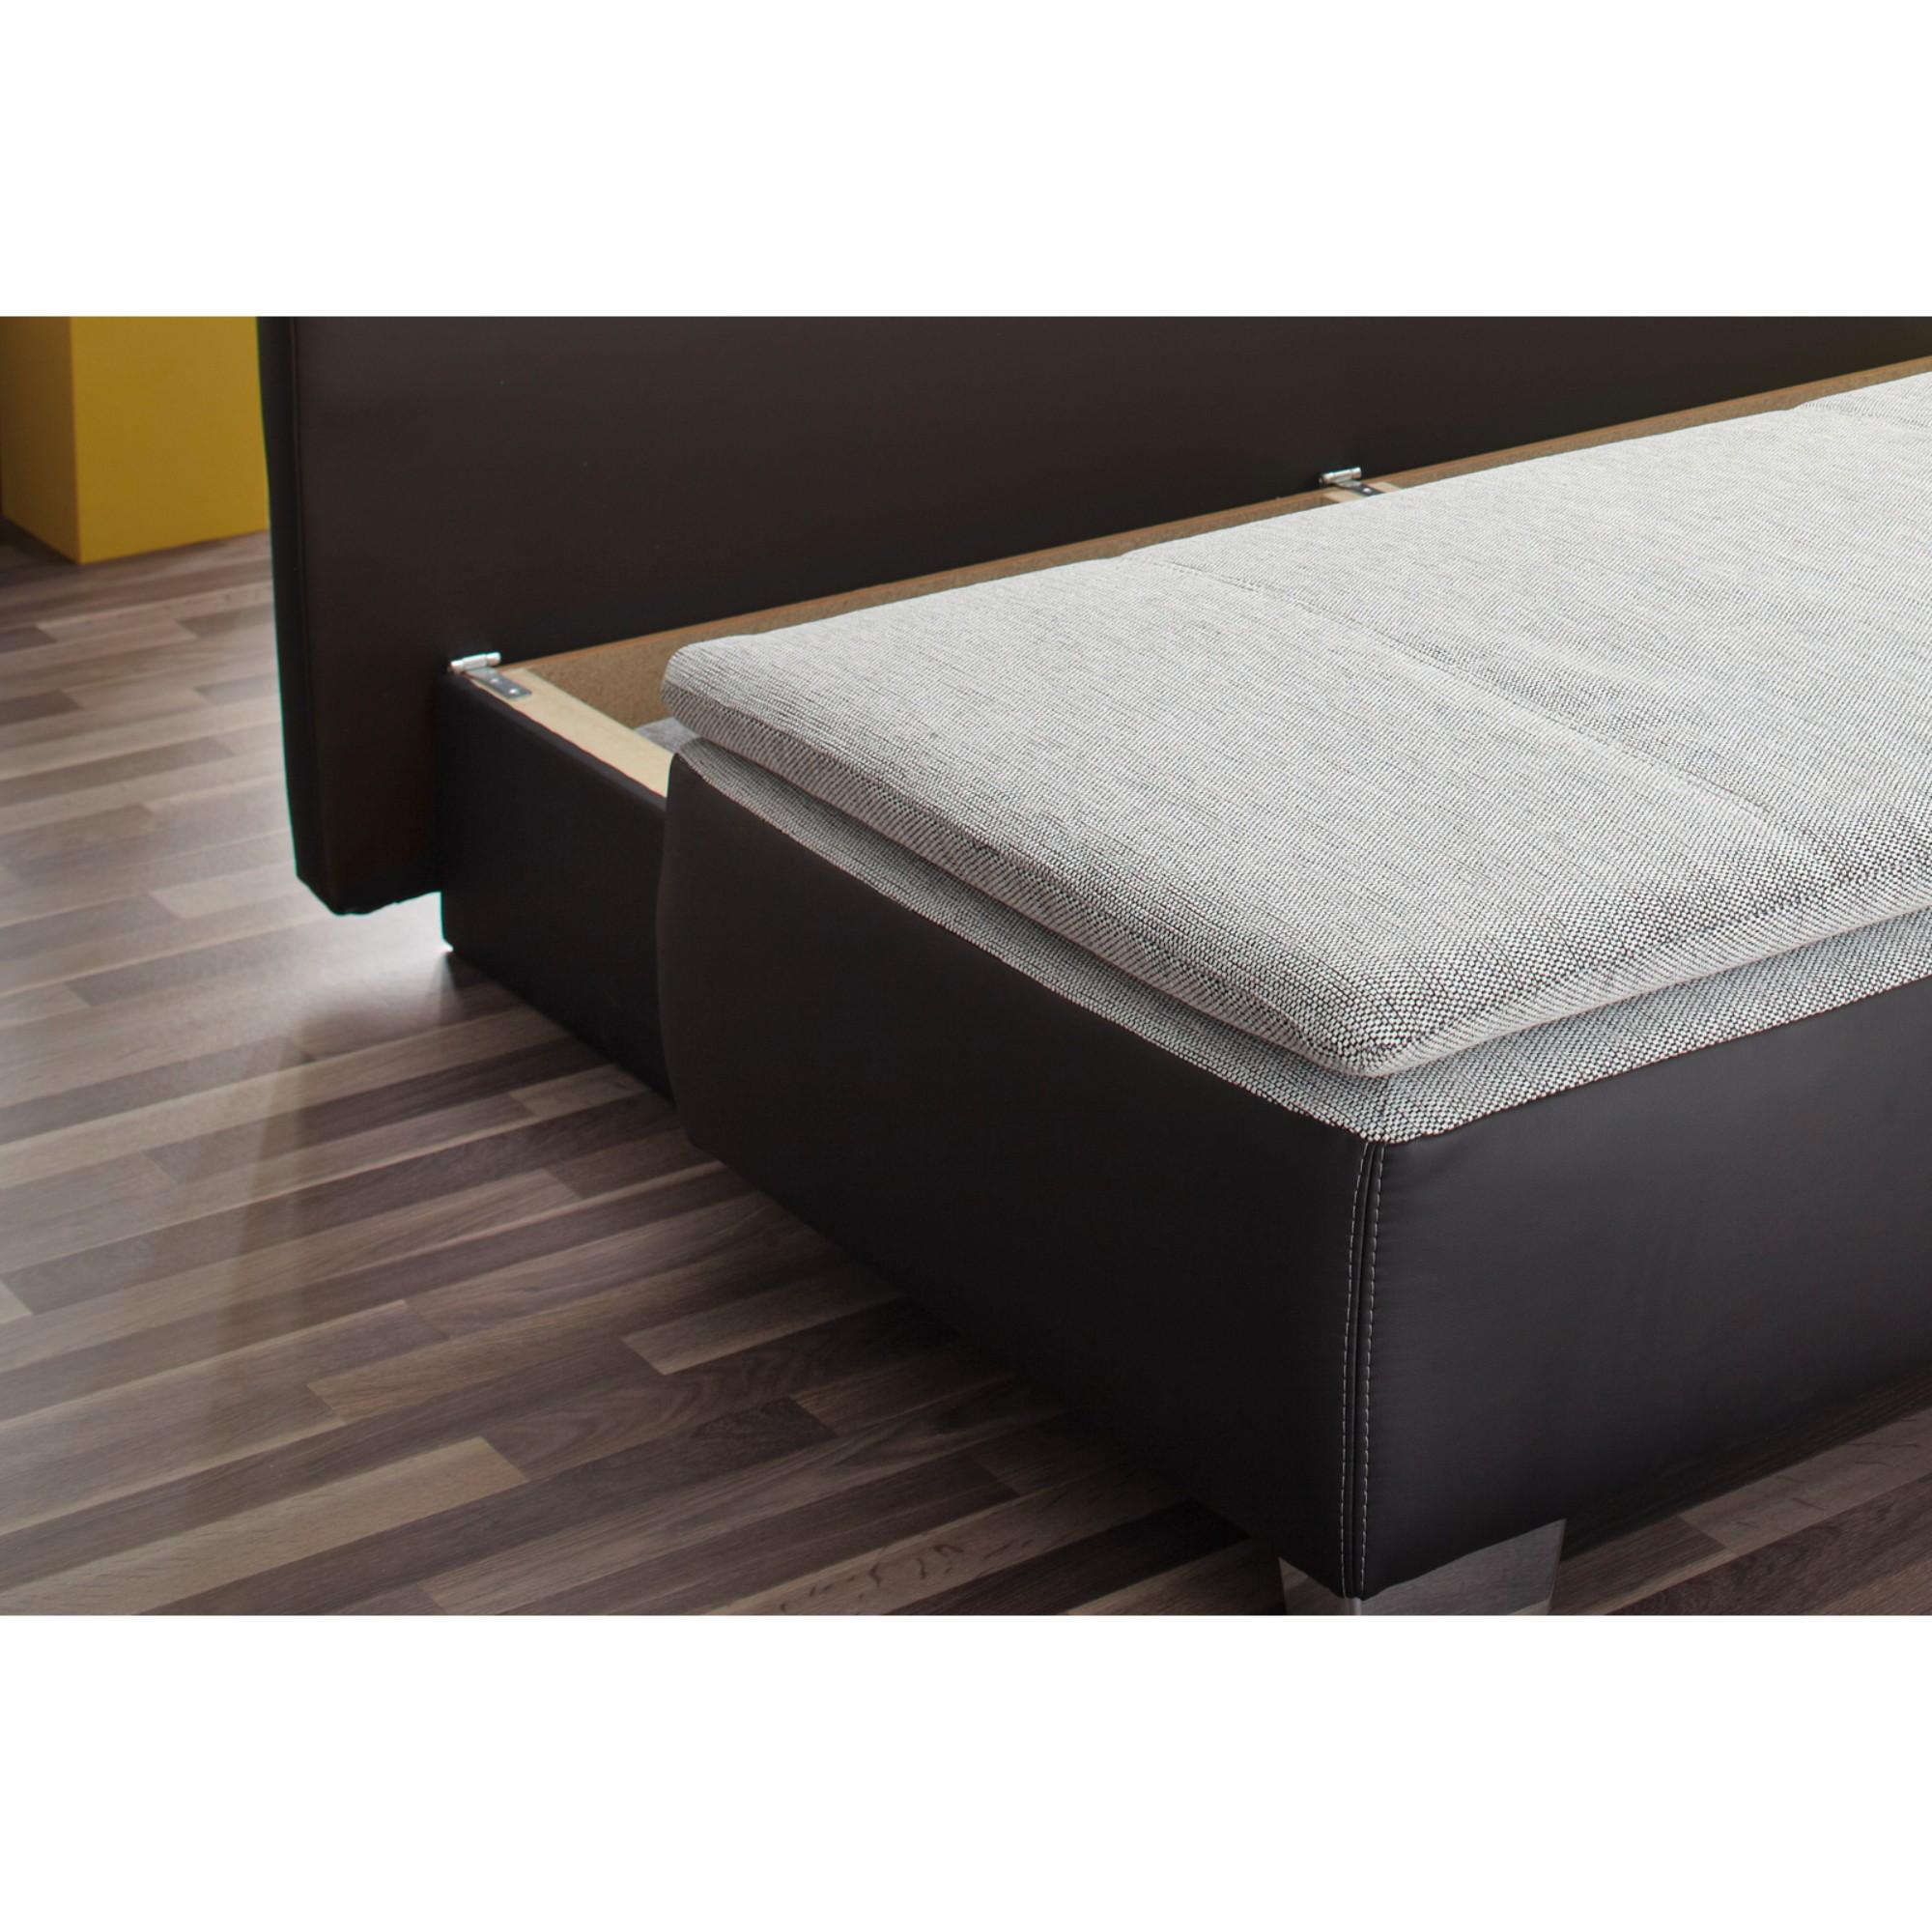 Sconto Pohovka DUETT-SE čierna/sivá Menšie domácnosti sa často musia premeniť podľa aktuálnej potreby a tak sa počas niekoľkých minút stane z obývačky hosťovská izba, detské ihrisko alebo spálňa.